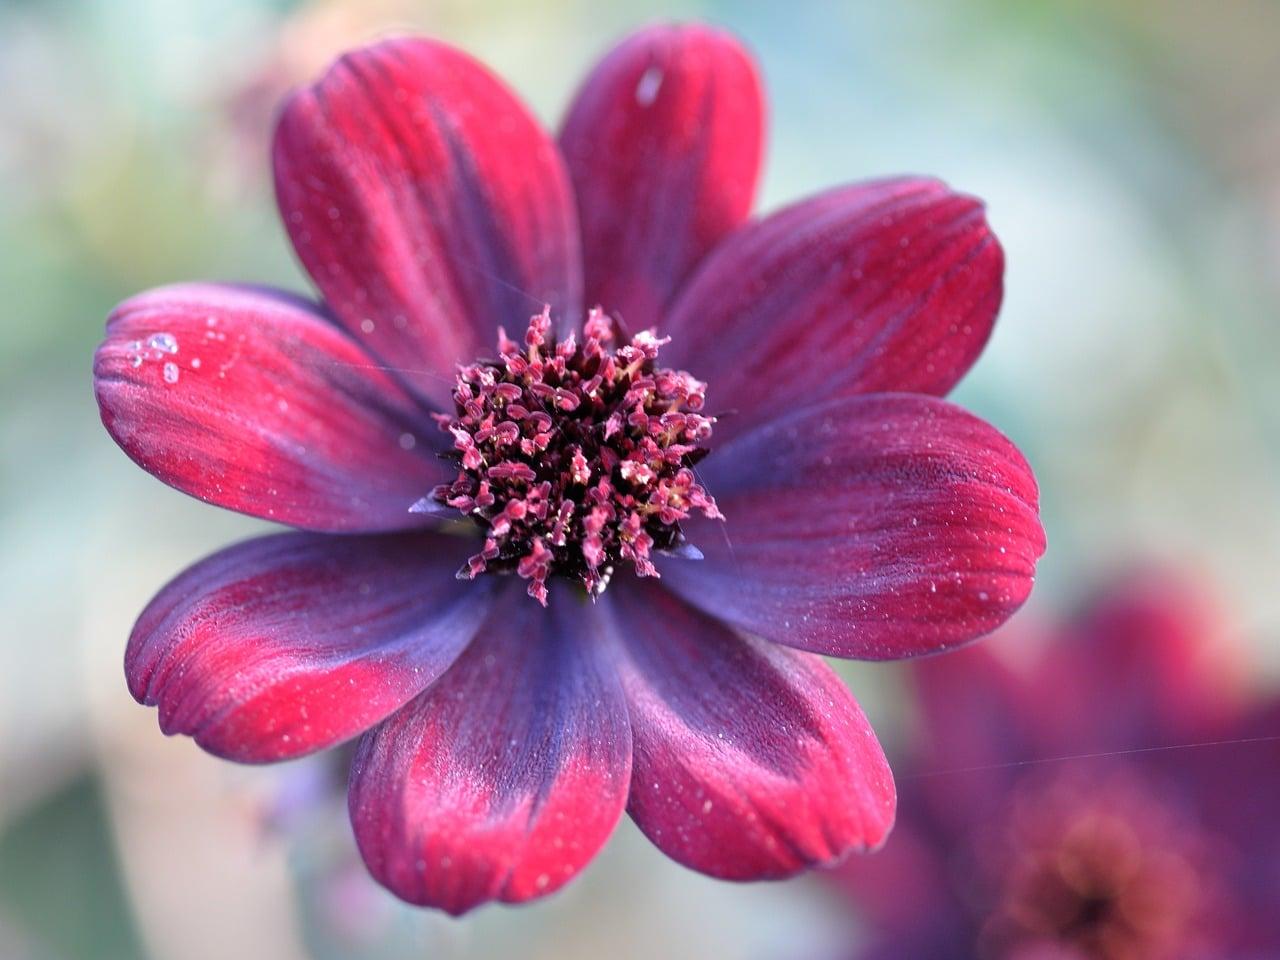 La flor de chocolate es roja